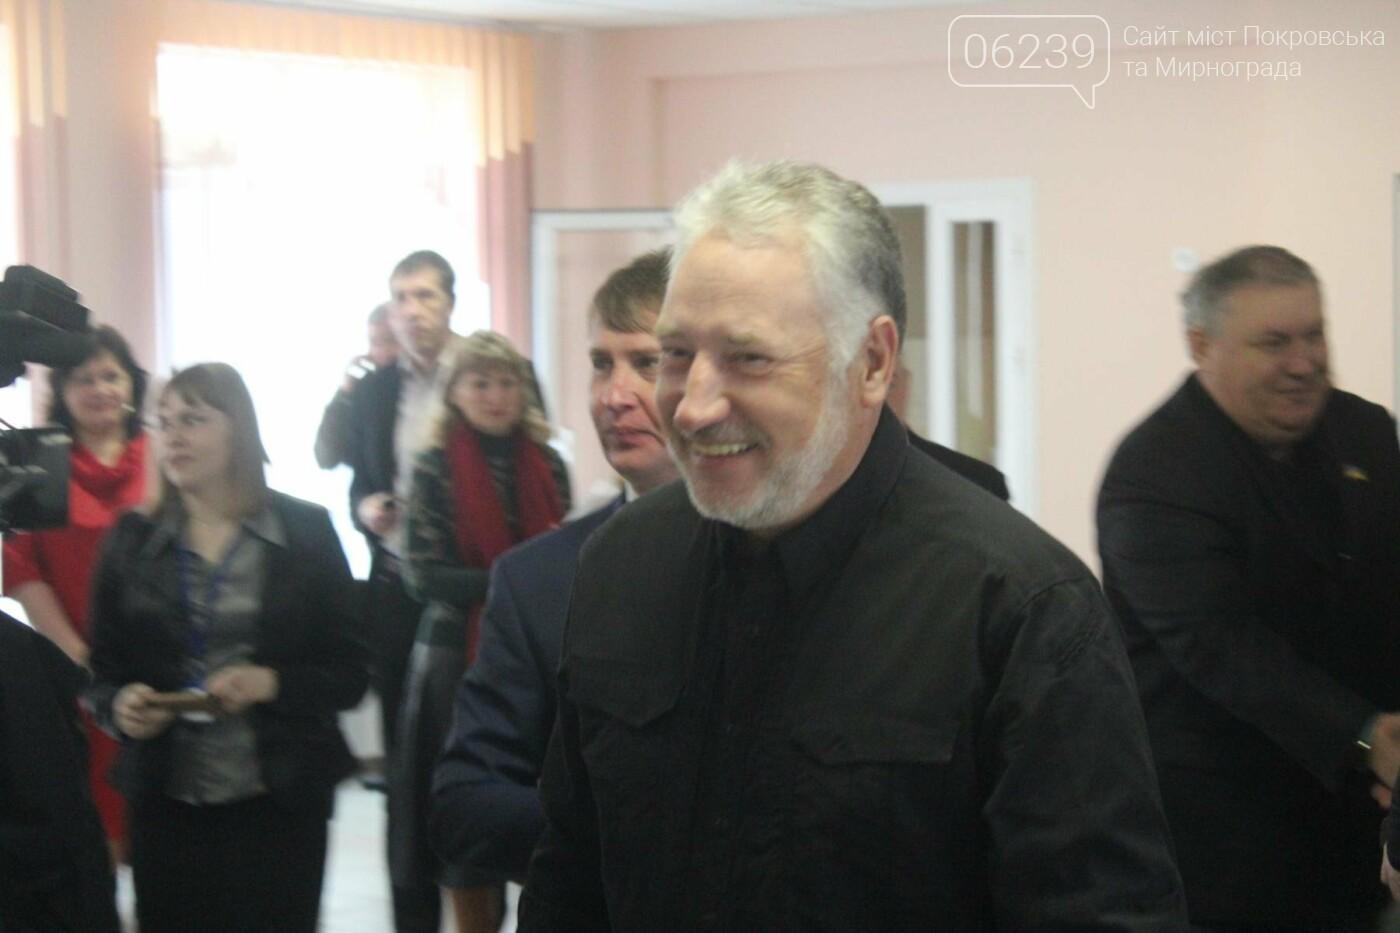 Жебривский проинспектировал ход выполнения ремонтных работ в опорной школе Мирнограда, школа практически готова к открытию , фото-2